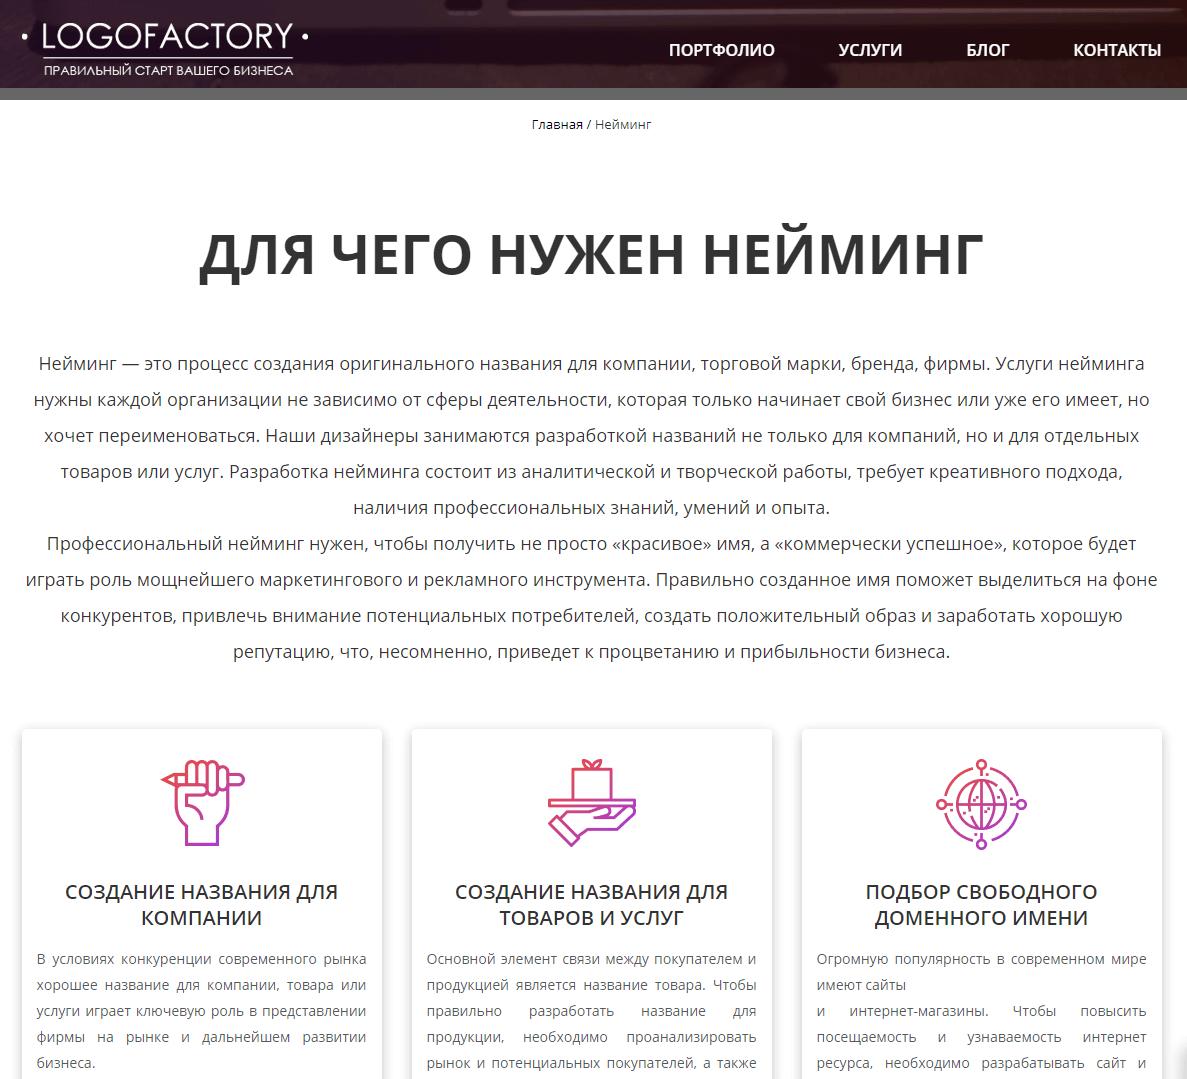 LogoFactory - обзор компании, услуги, отзывы, клиенты, Фото № 2 - google-seo.pro